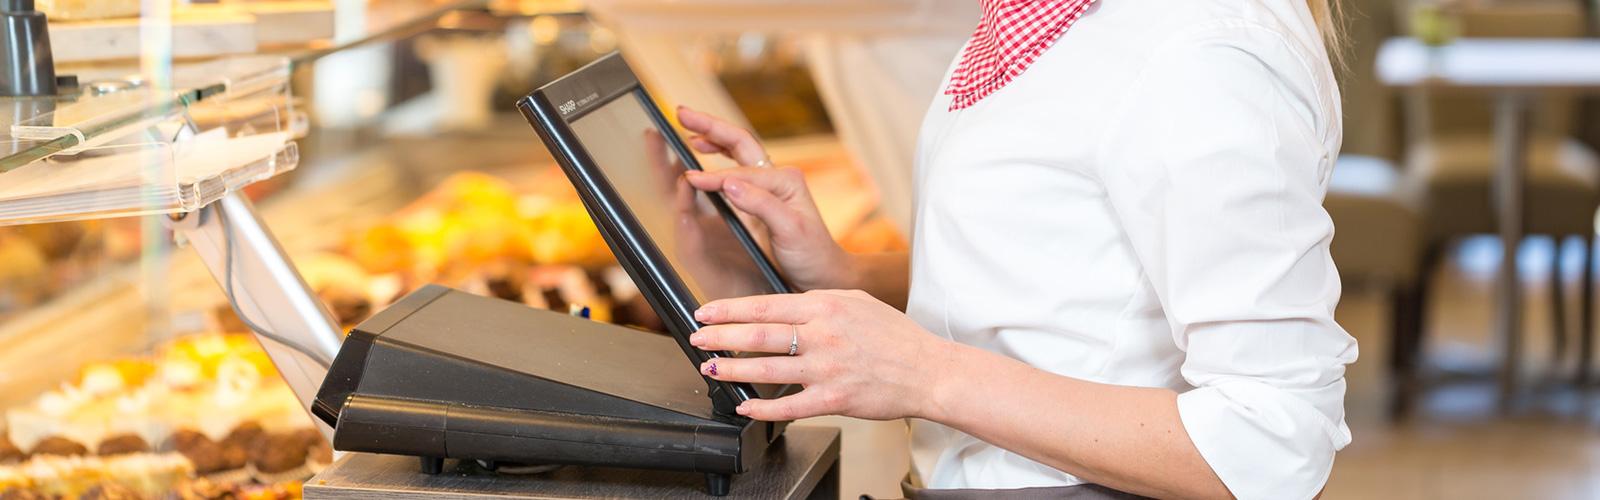 Sistemi gestionali per la ristorazione e il retail